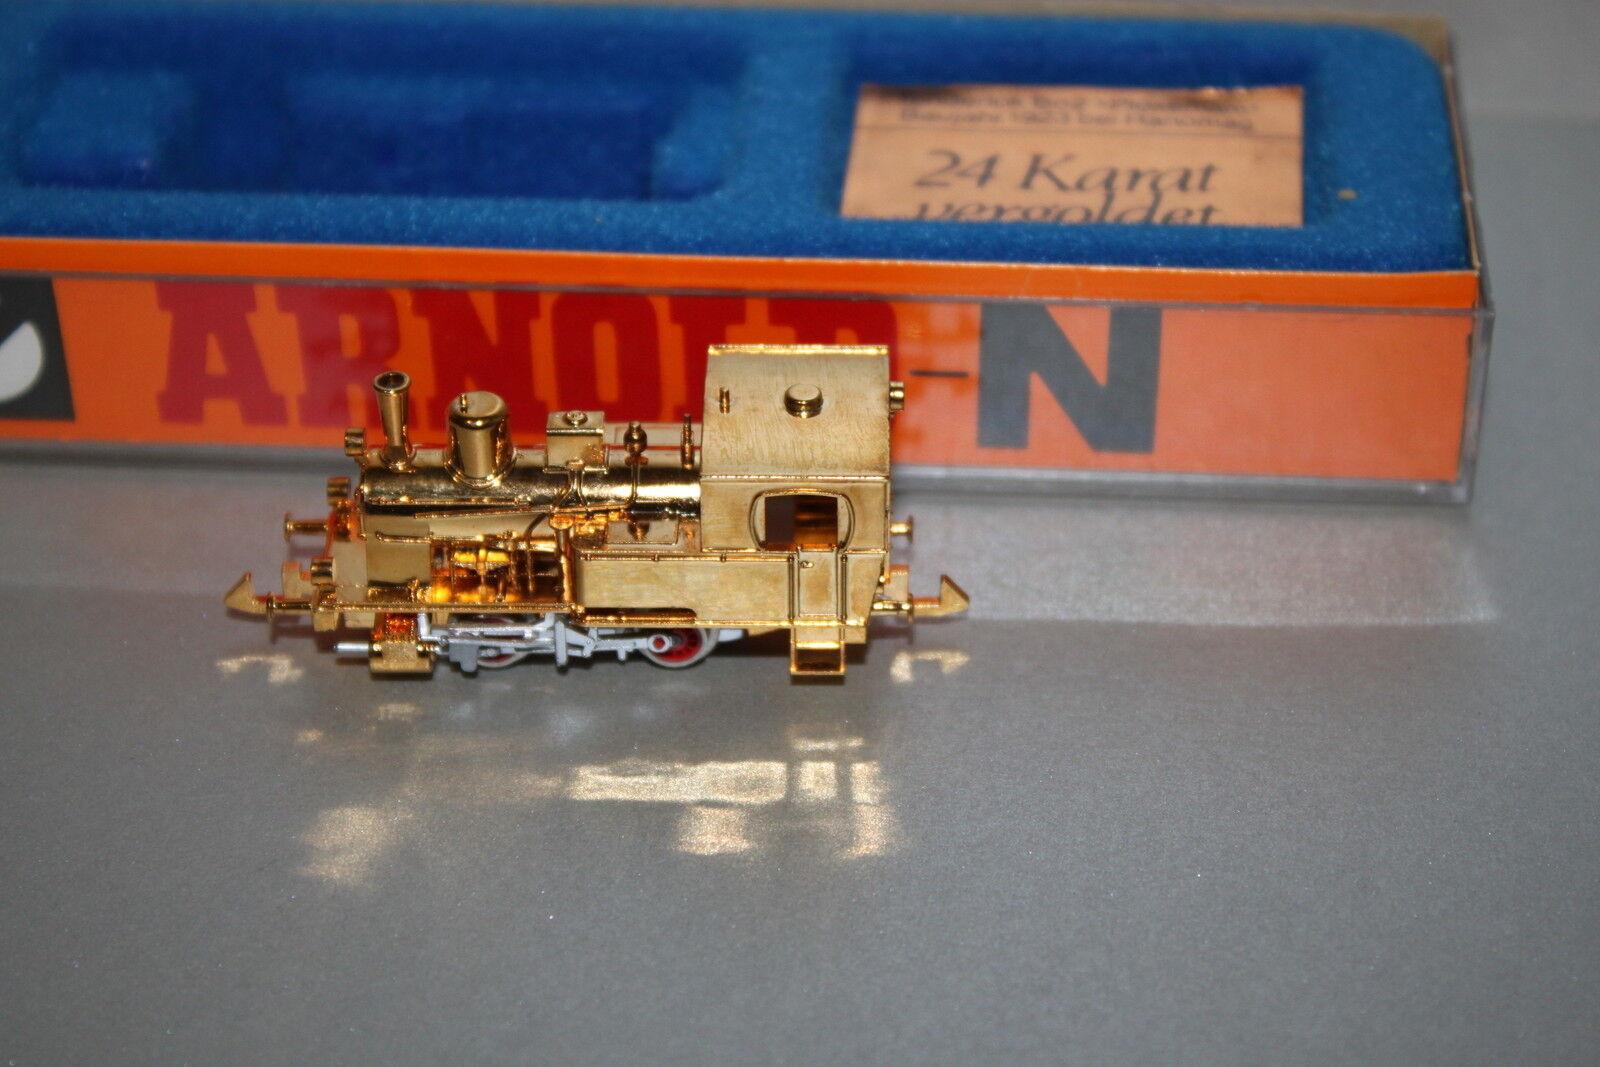 Arnold 2701 locomotiva bn2 ploxemam stand modello dorato Traccia N OVP